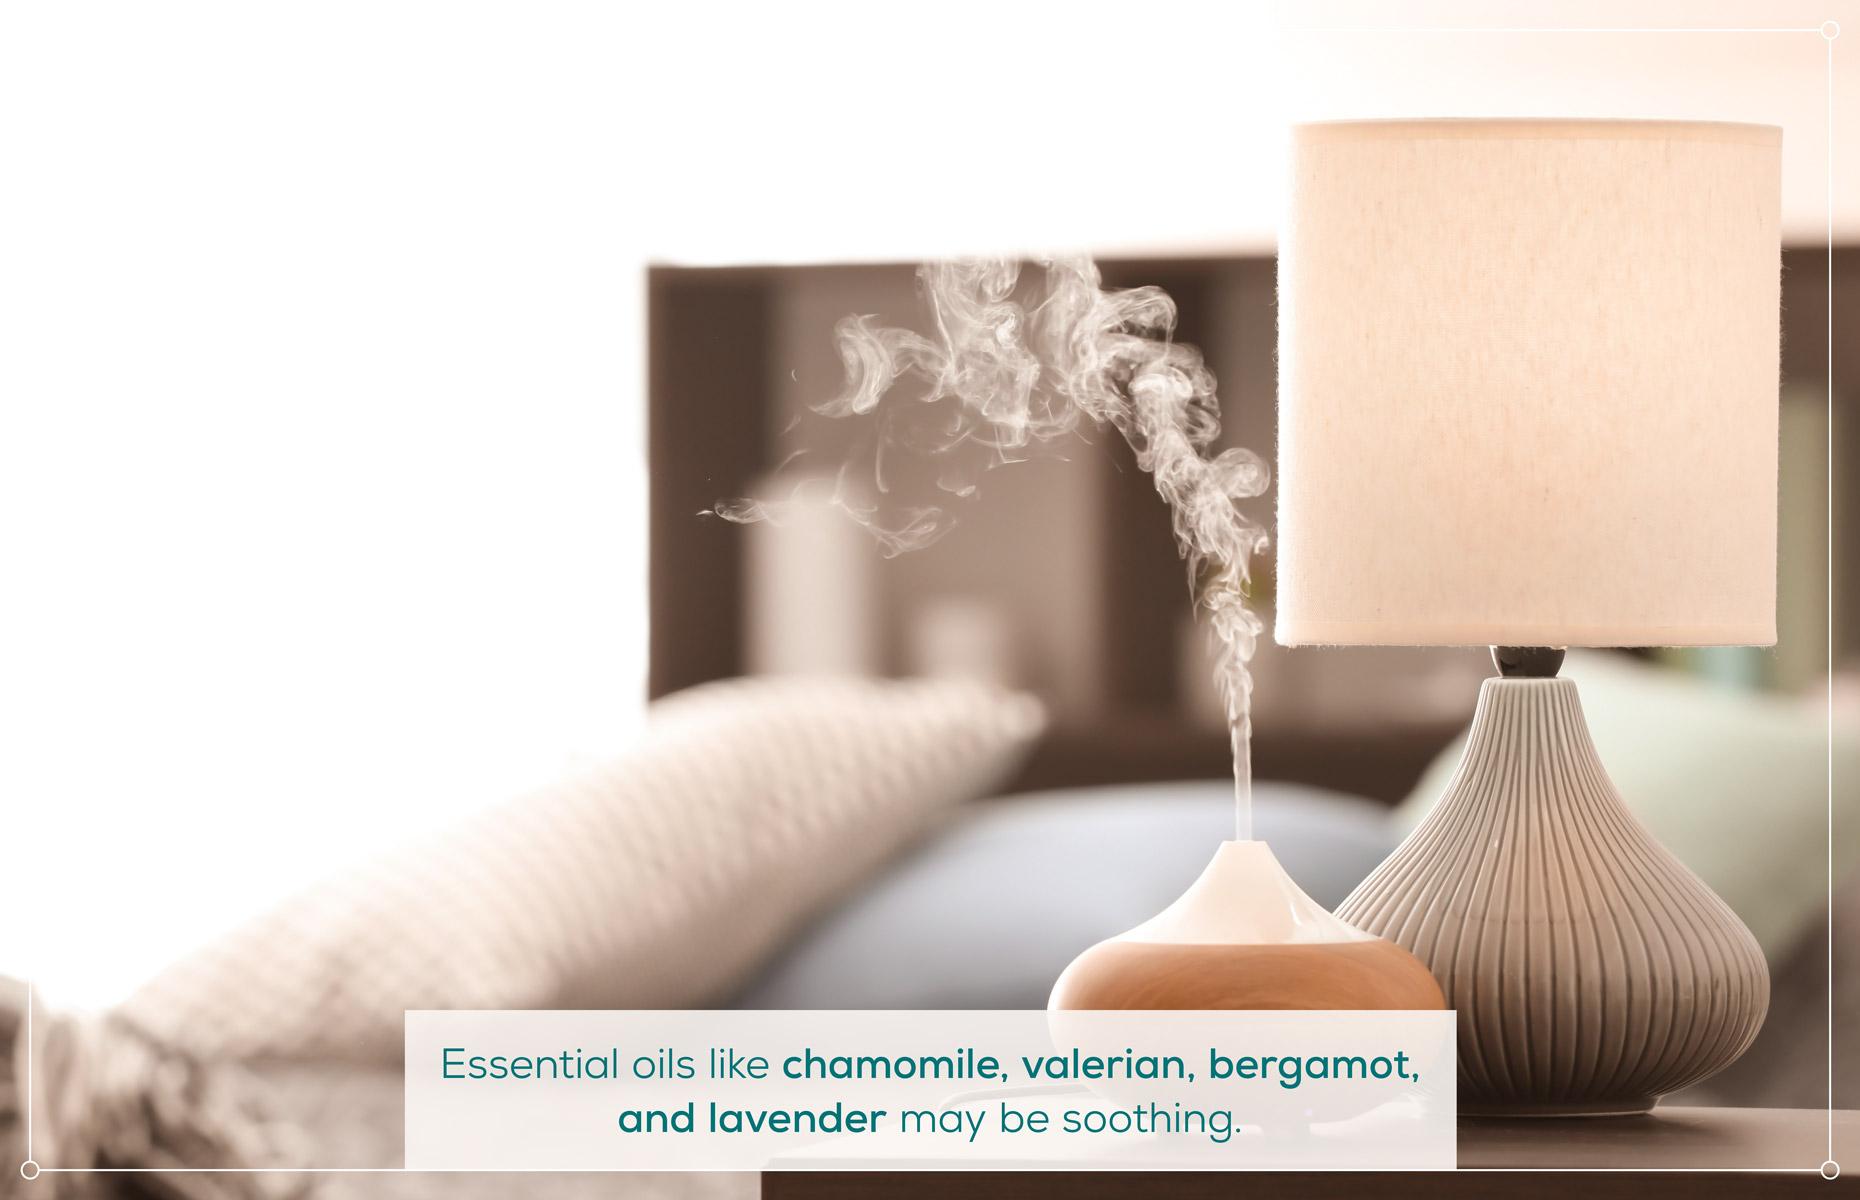 coronasomnia-essential-oils